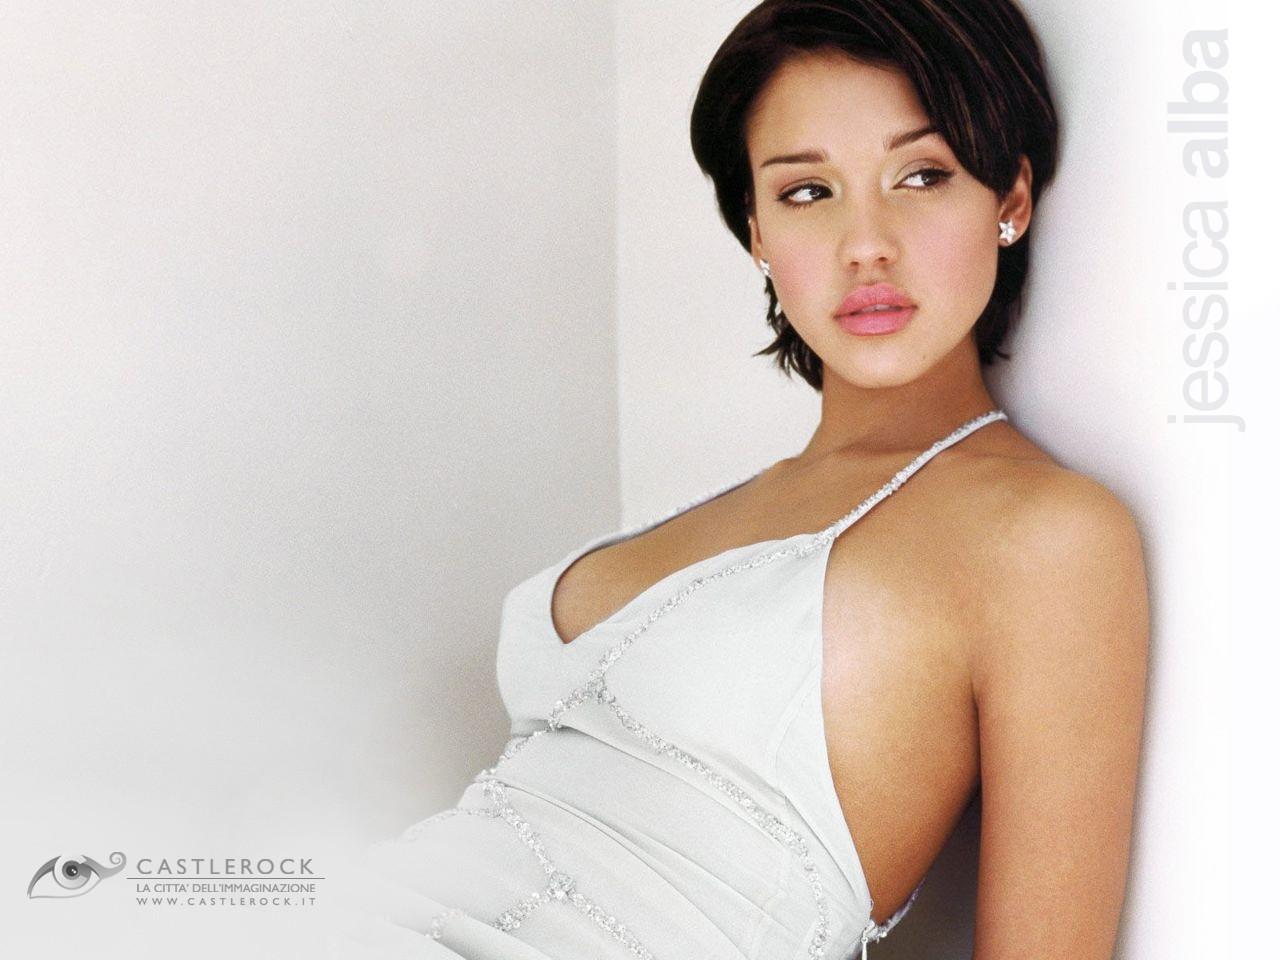 Wallpaper di Jessica Alba fasciata in un abito bianco